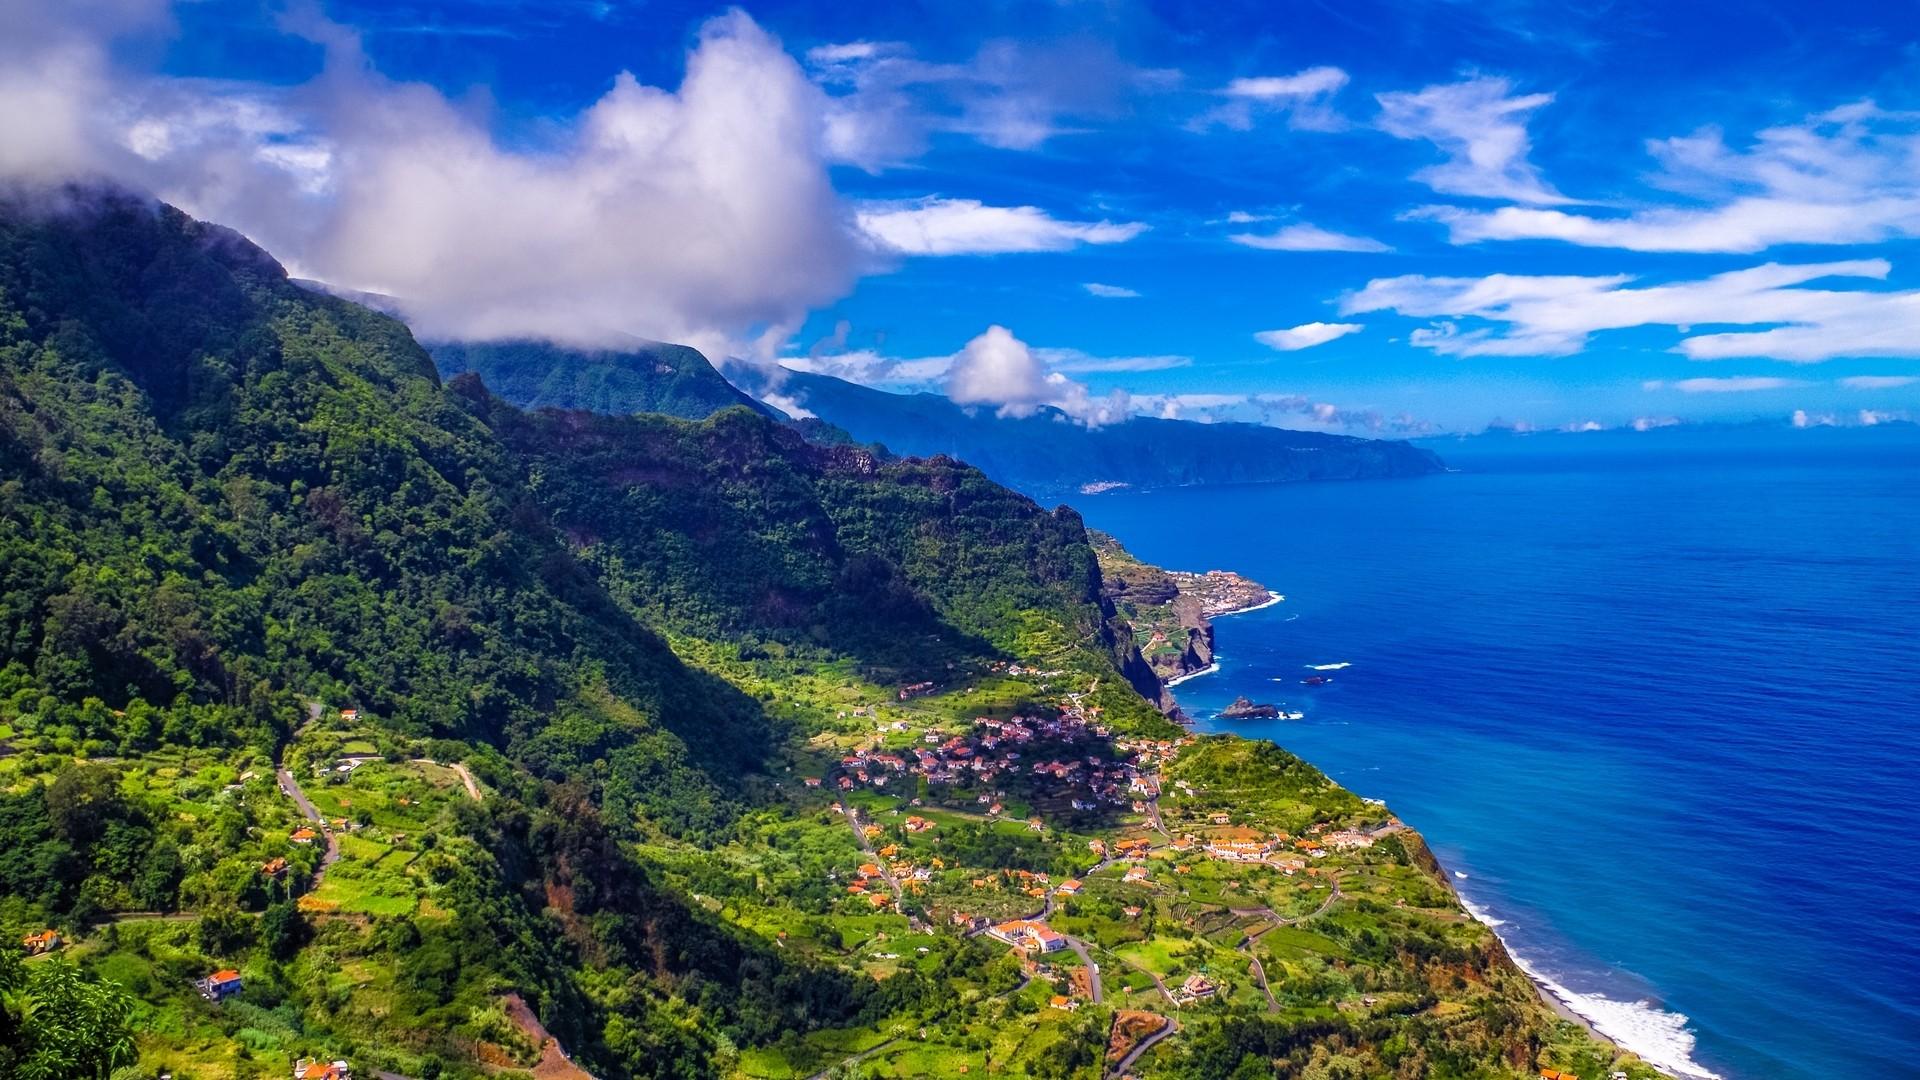 Azores Islands Wallpaper